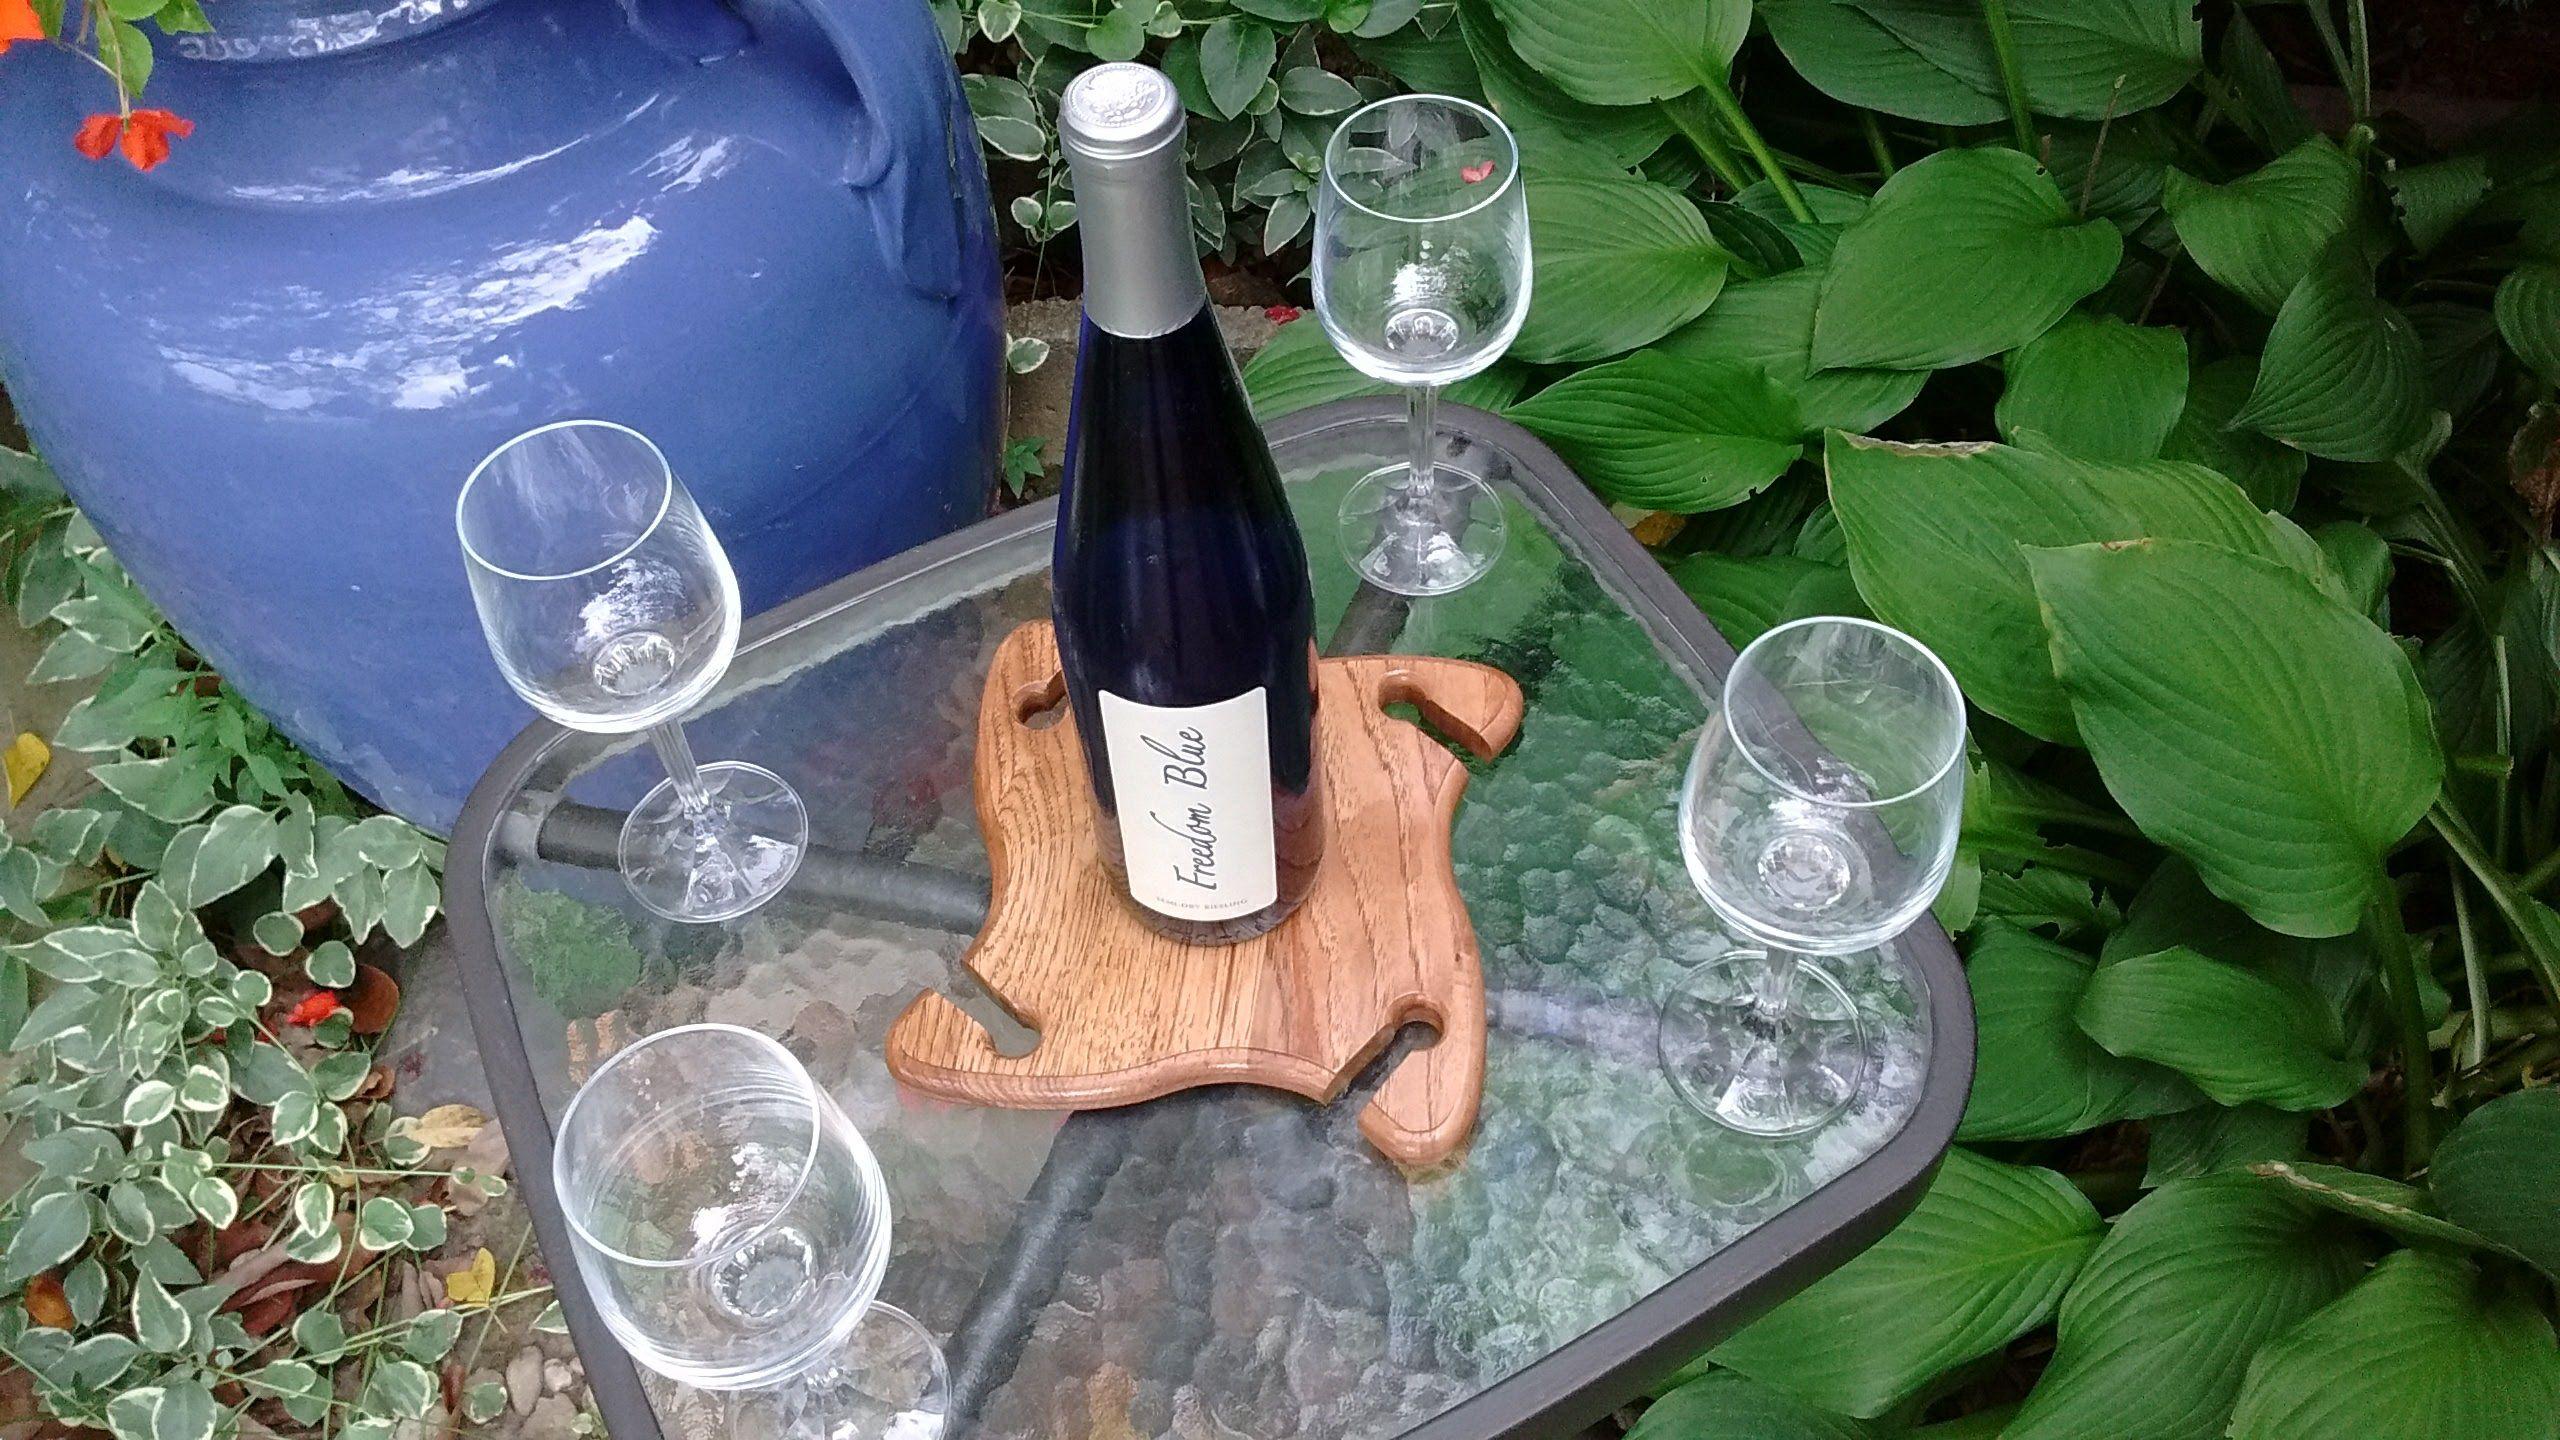 https://www.etsy.com/shop/ChestnutHillWorkshop?ref=hdr_shop_menu Over the bottle wine glass holder.  Wine bottle holder